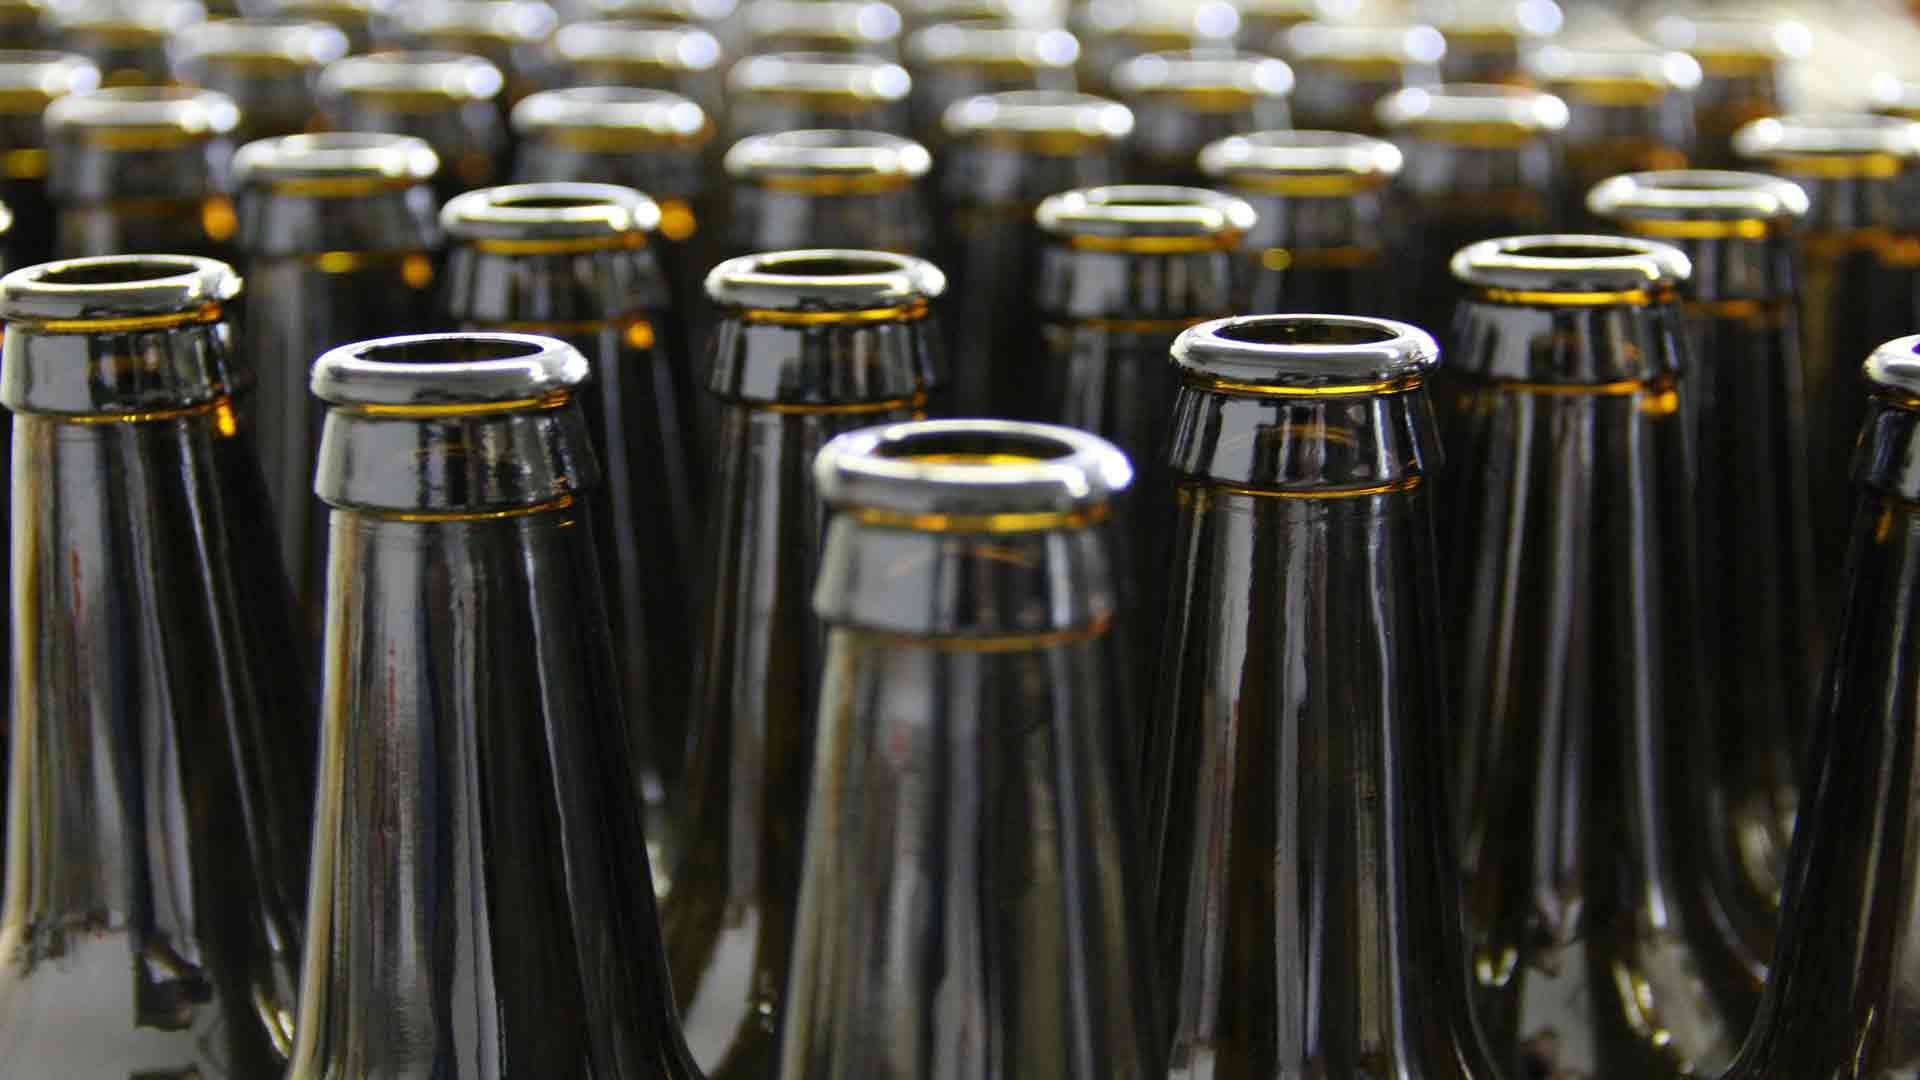 5-ideas-para-reciclar-las-botellas-de-cerveza-1920